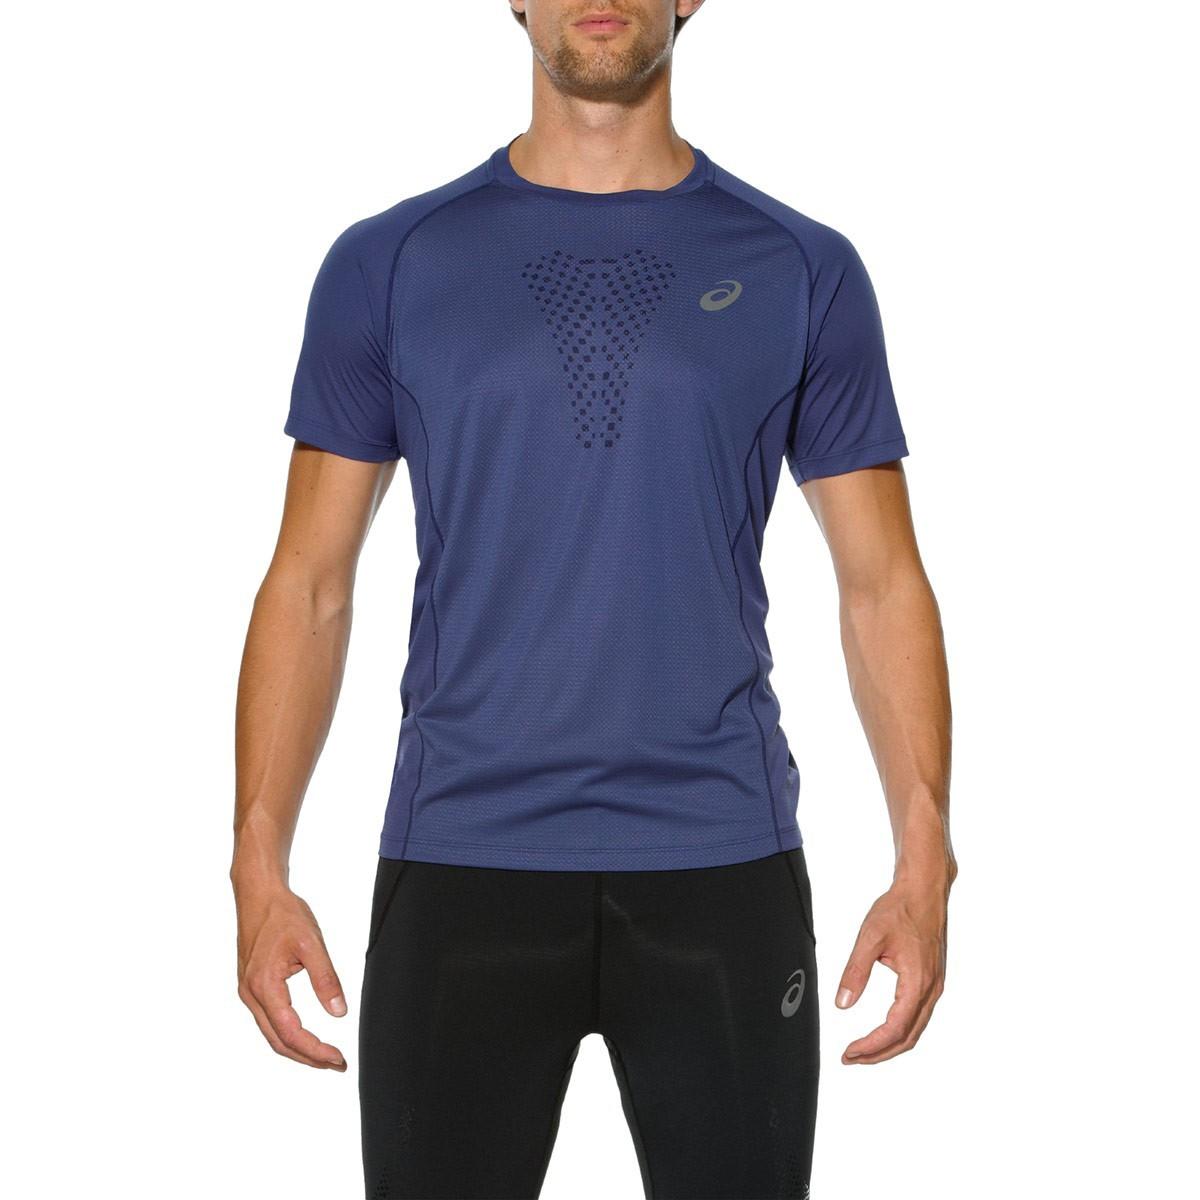 Мужская футболка для бега Асикс FujiTrail Ultra Top (130006 8133) синяя фото